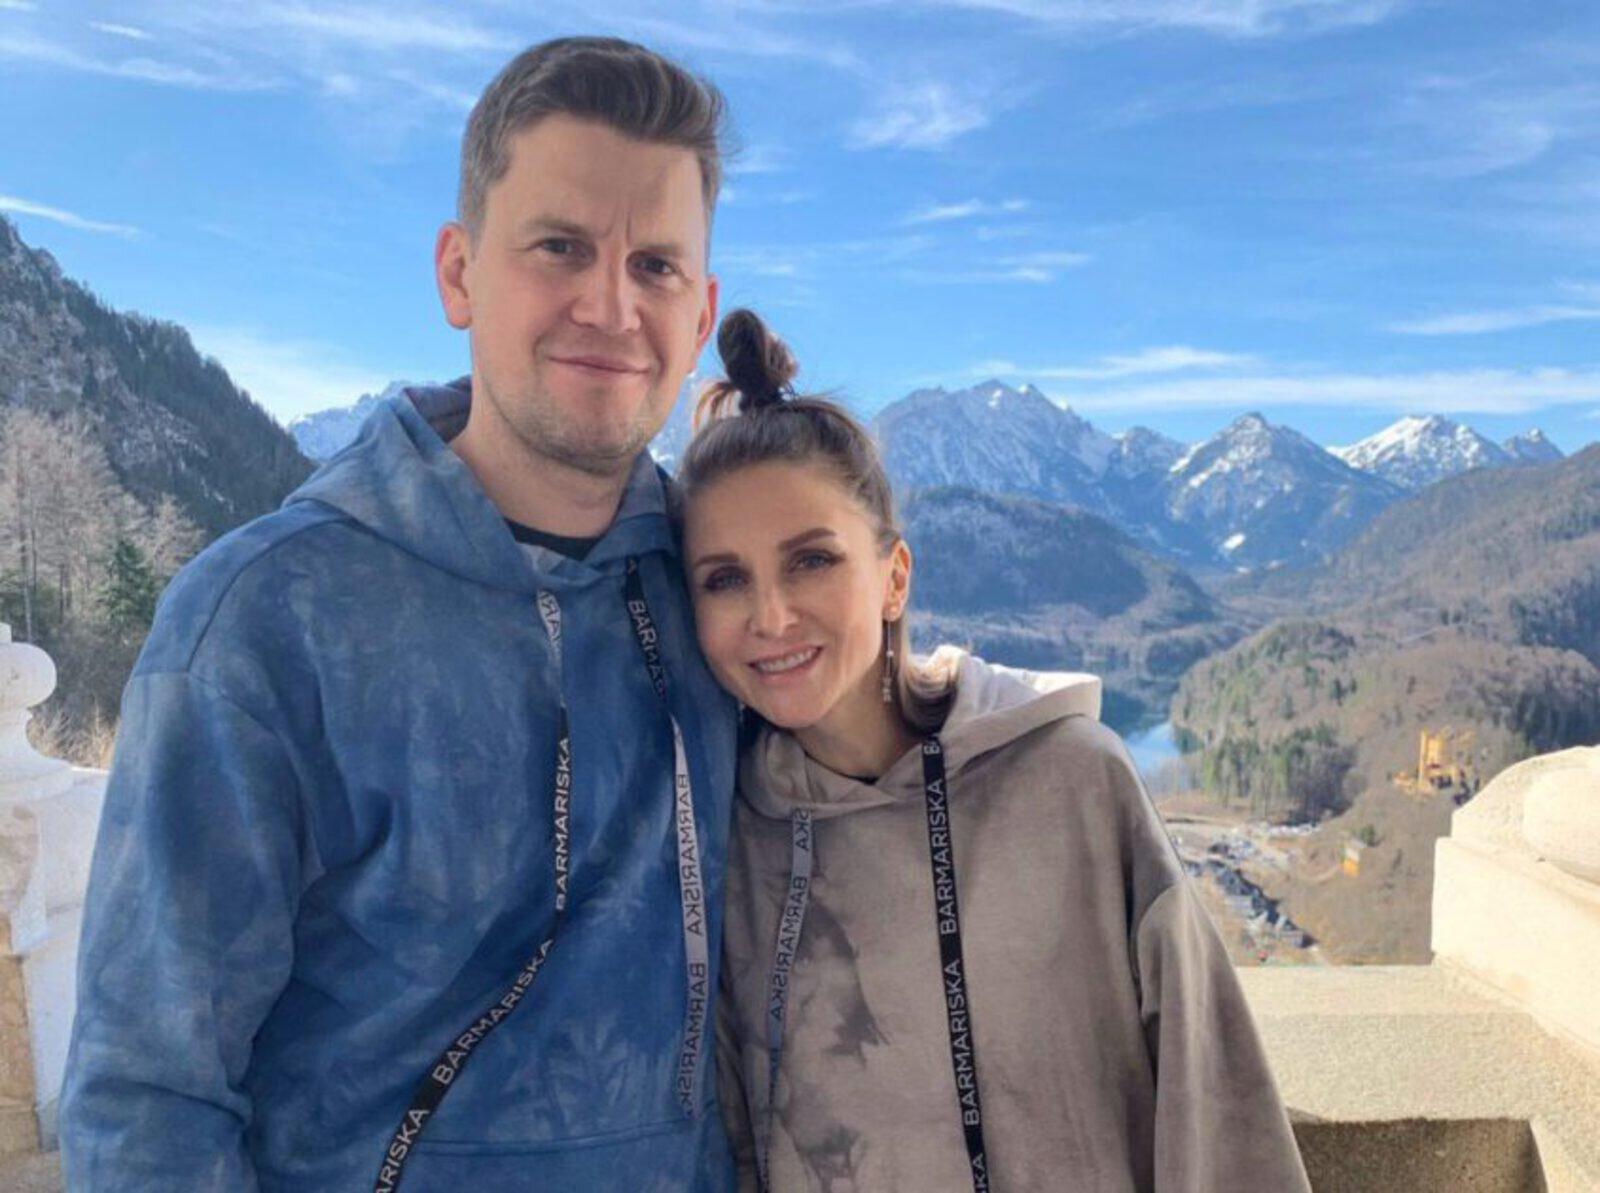 Евгений и Мария Барышевы - основатели бренда Barmariska